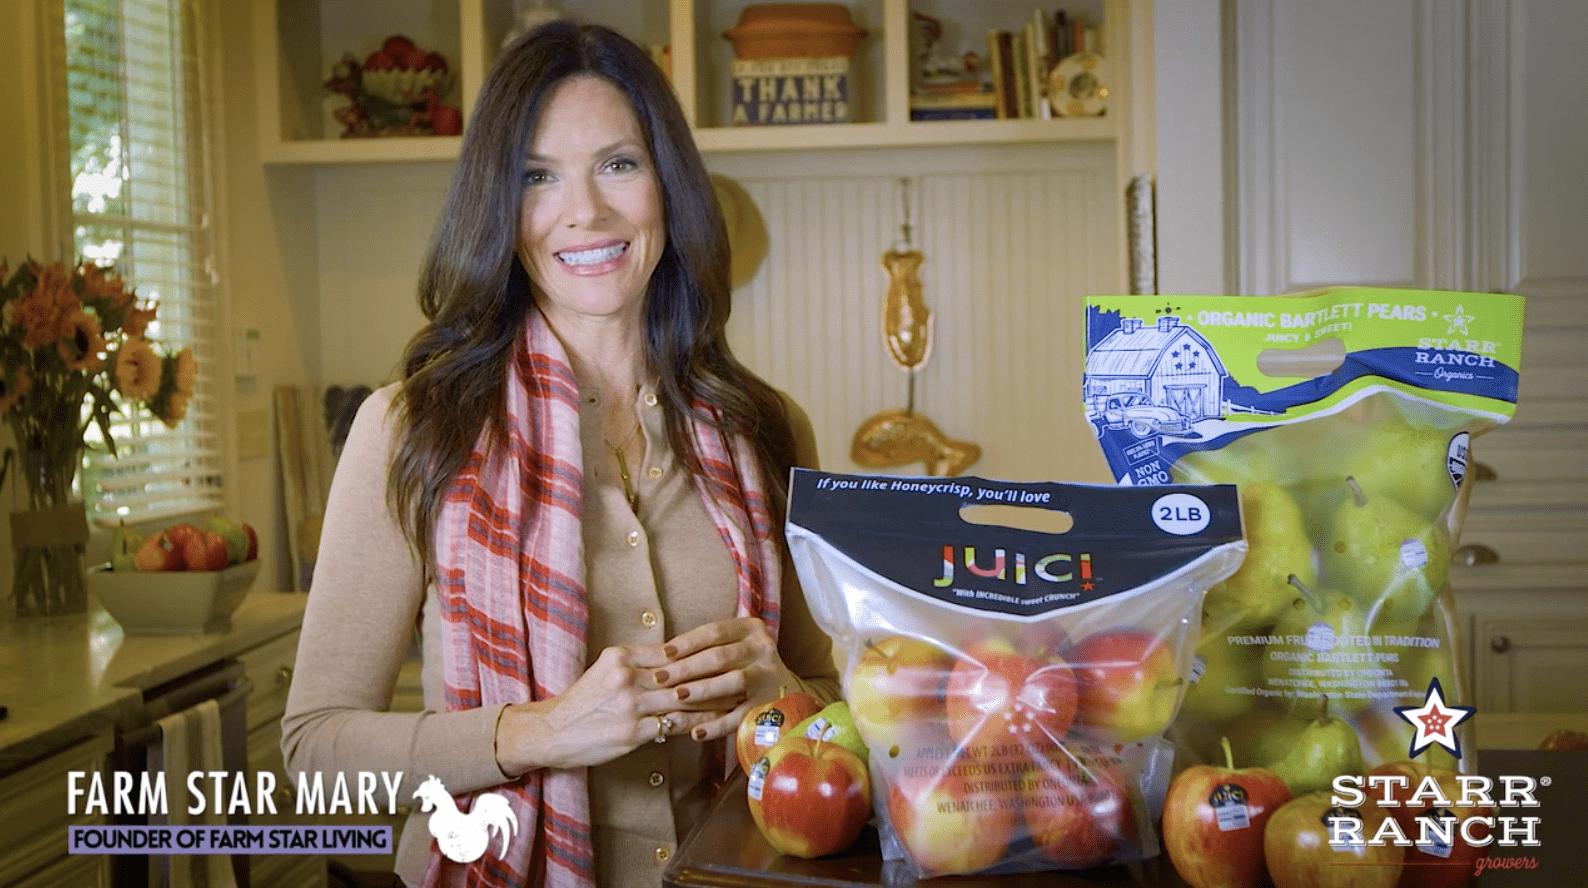 Farm Star Mary's Minutes: Bartlett Pears & JUICI® Apples